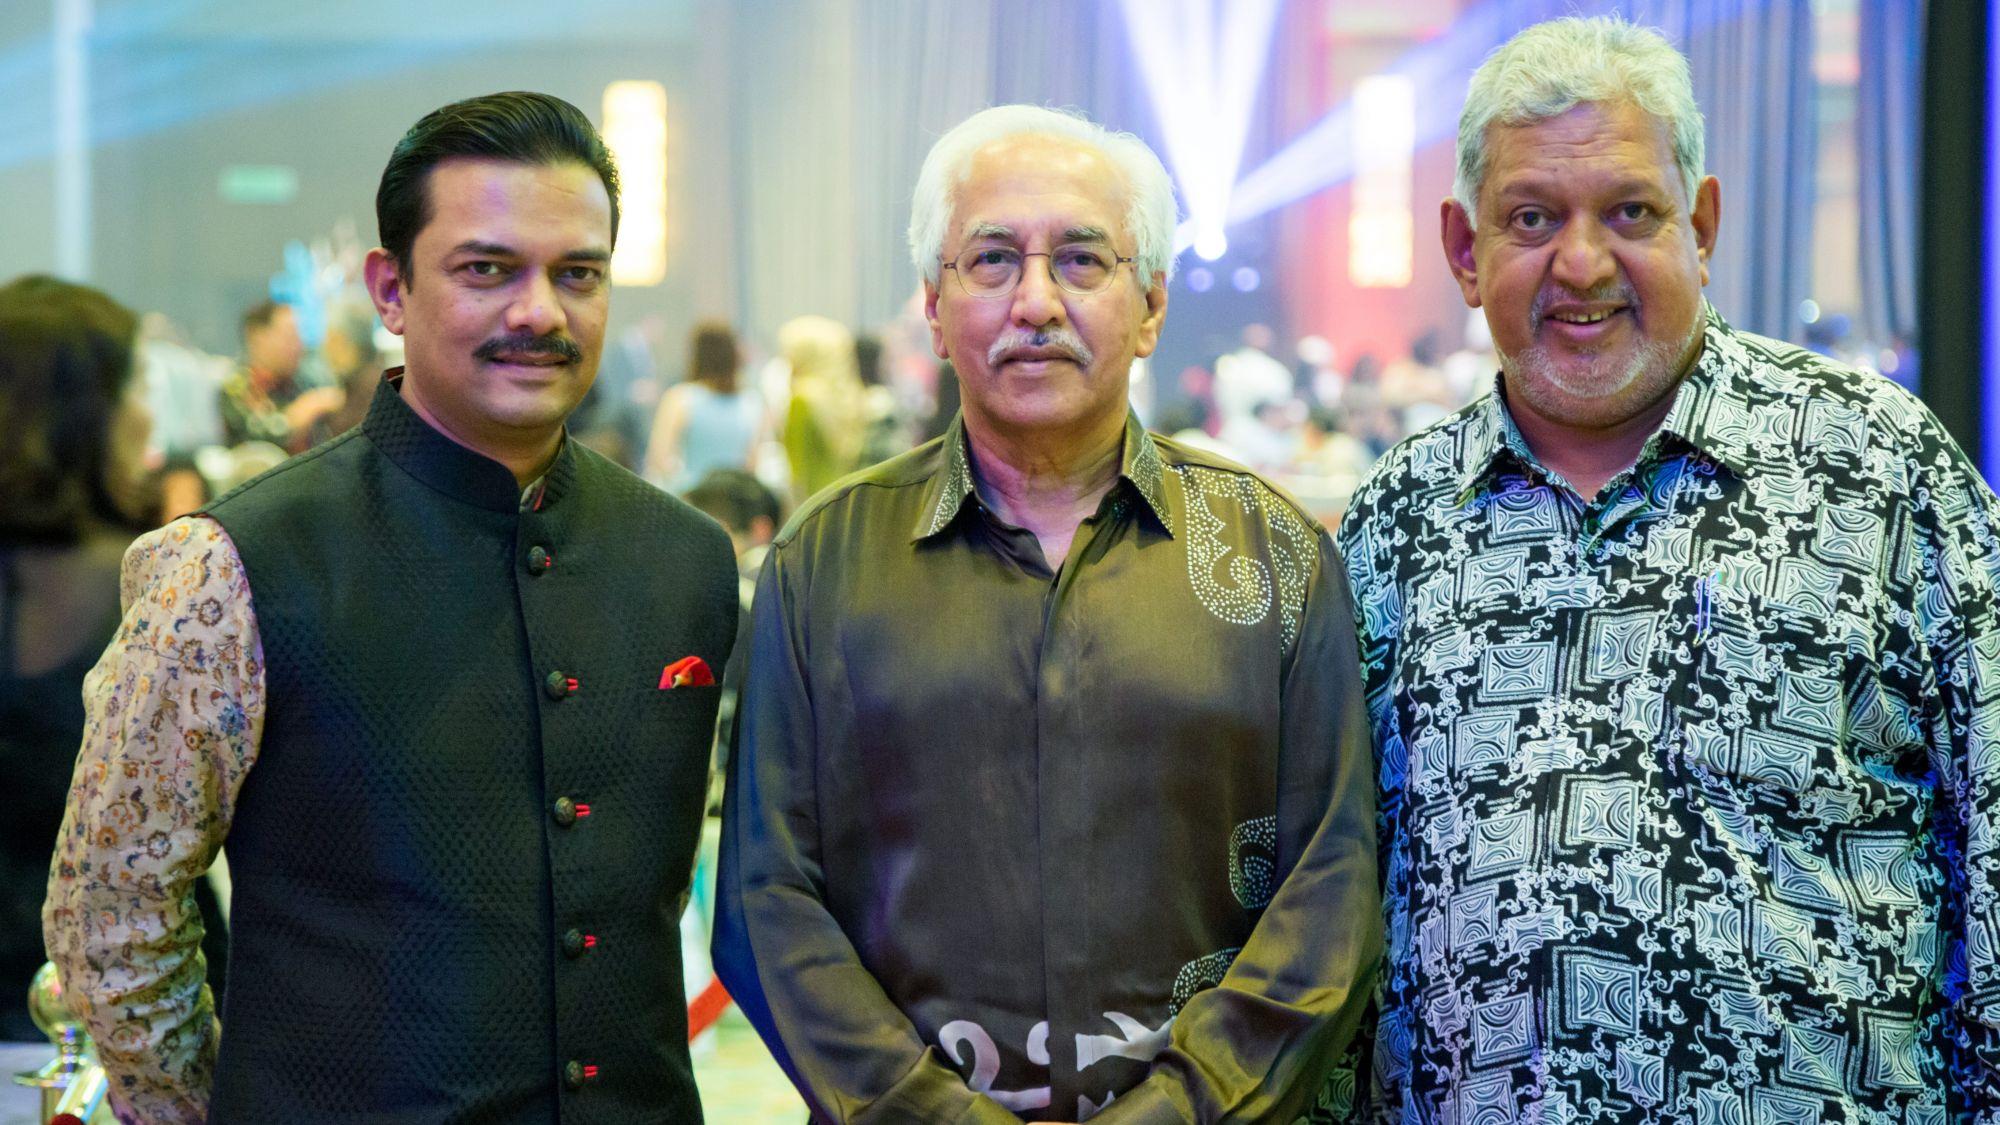 Abrar Anwar, Tan Sri Bashir Ahmad Abdul Majid and Dato' Seri Mirza Mohammad Taiyab